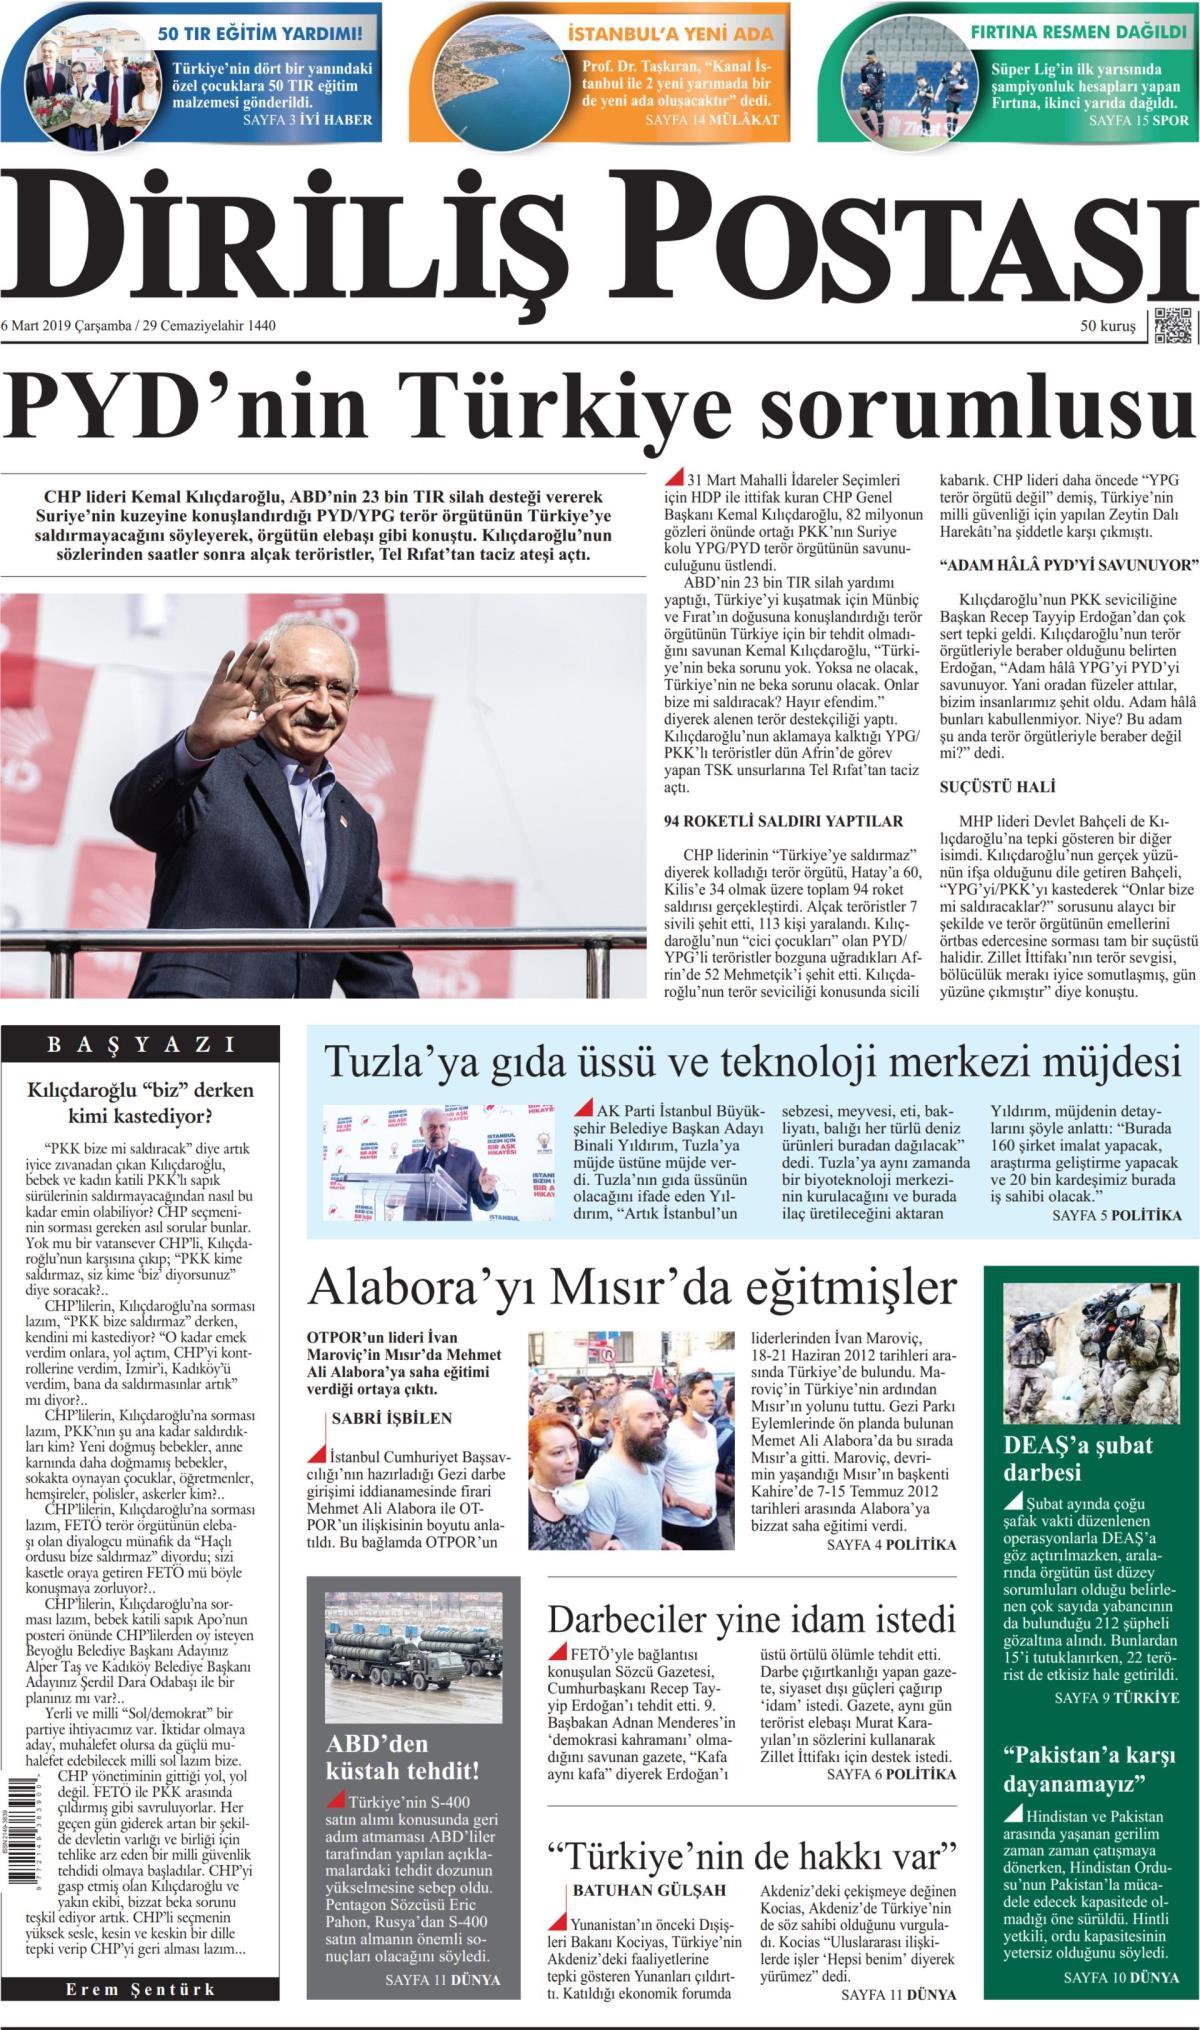 6 Mart 2019 çarşamba Tarihli Diriliş Postası Gazetesi Manşeti